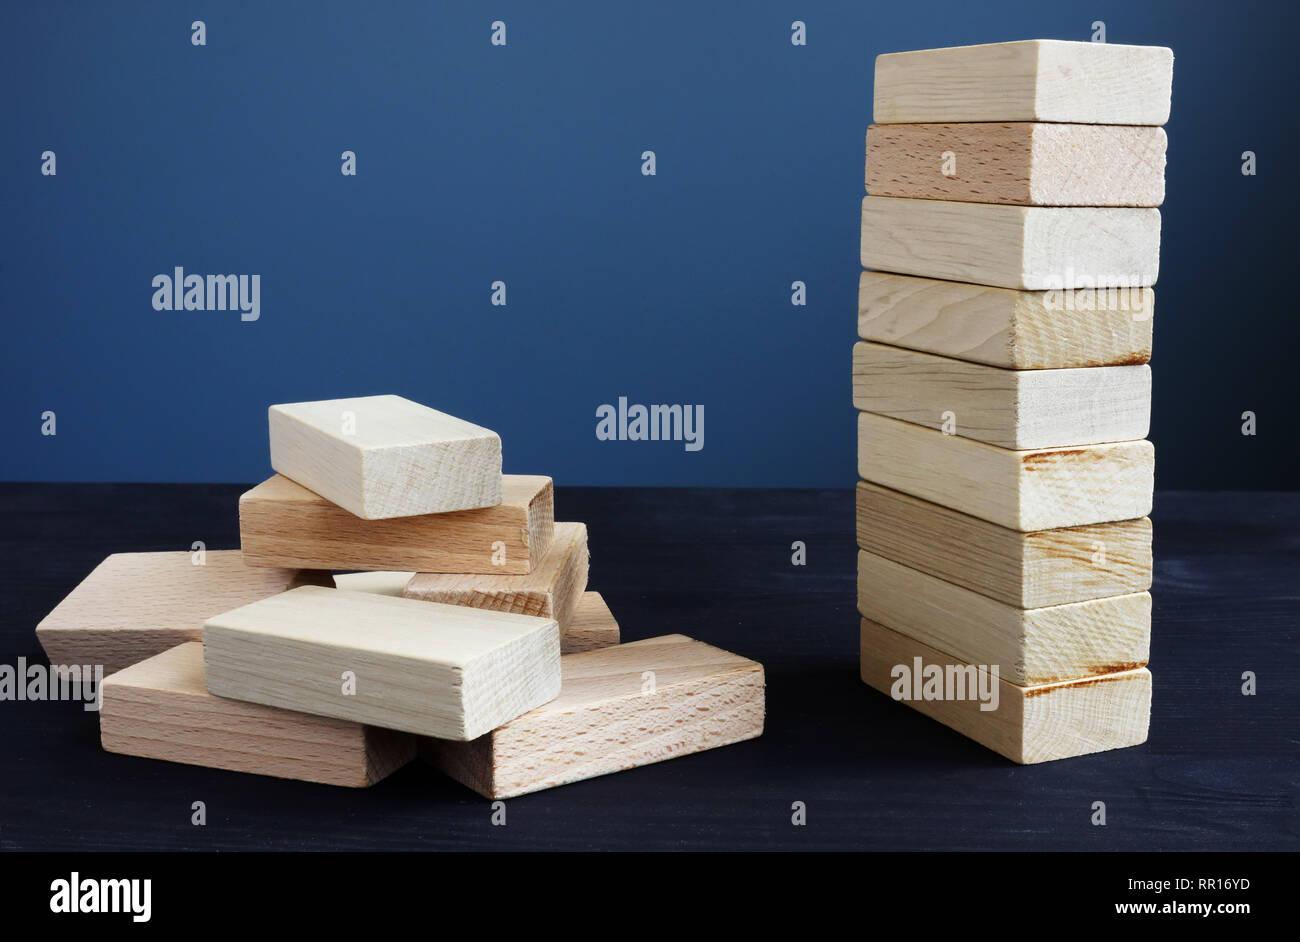 Organisation, Strategie und Risiko in Business Konzept. Turm und Aufgeschichtet aus Holz- Ziegel. Stockfoto